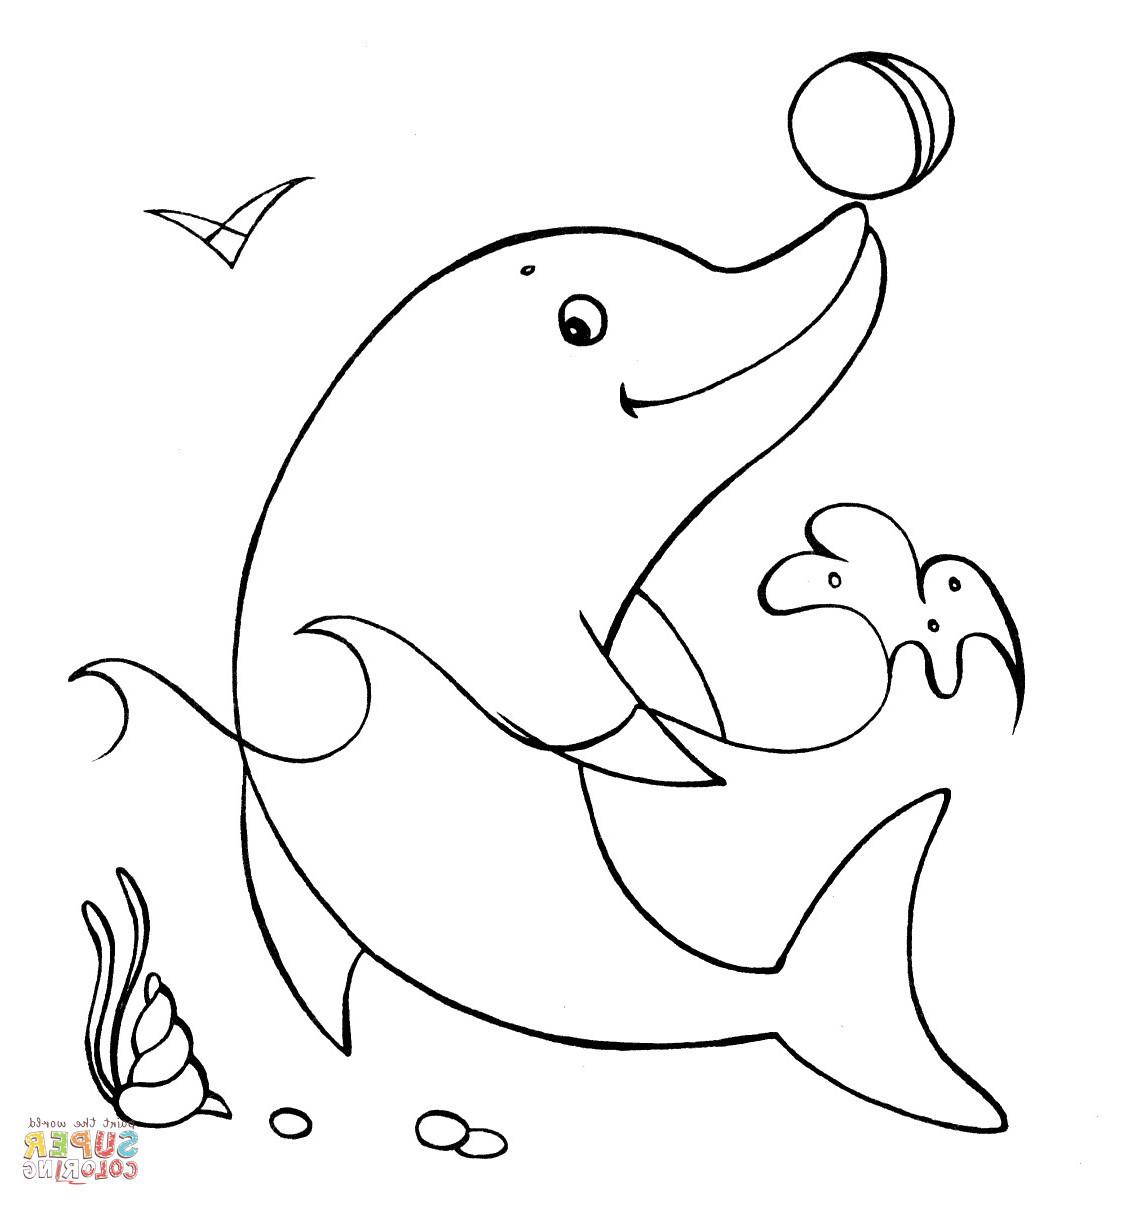 Delphin Zum Ausmalen Frisch 34 Einzigartig Delfin Ausmalbilder – Große Coloring Page Sammlung Sammlung